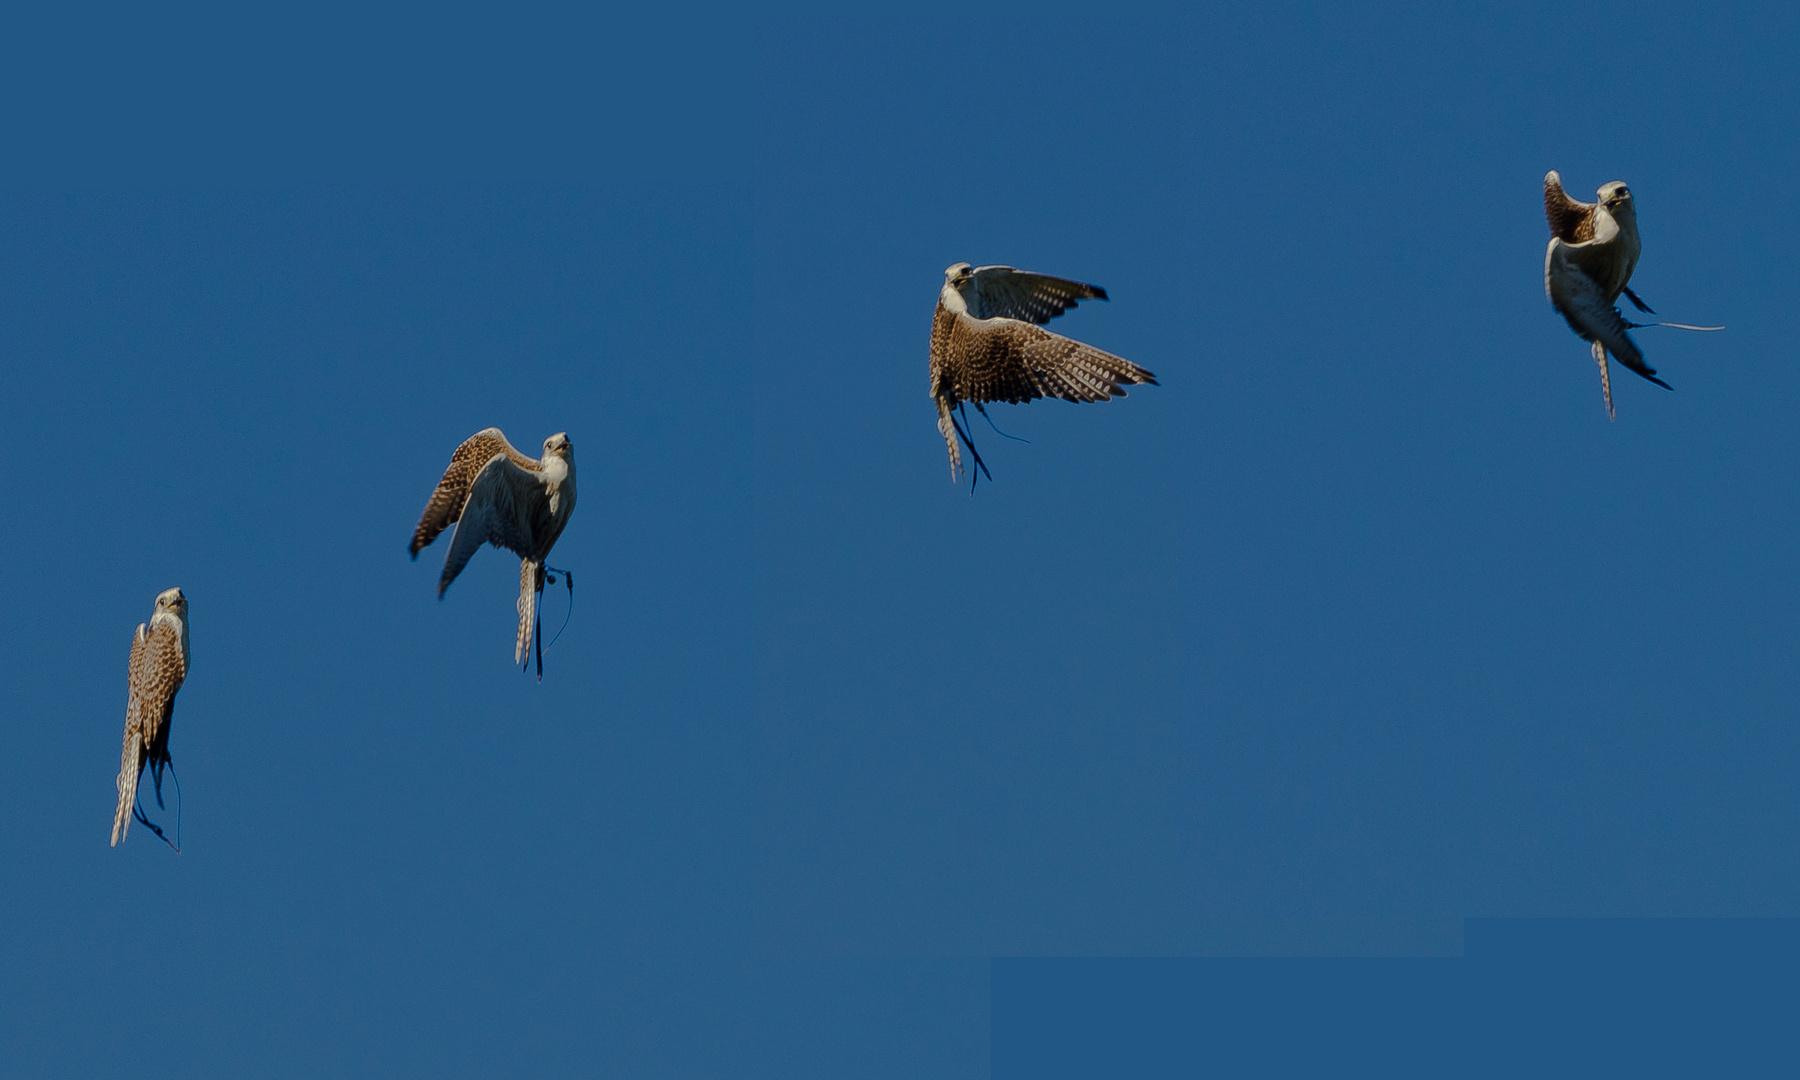 Studie eines Falkenfluges